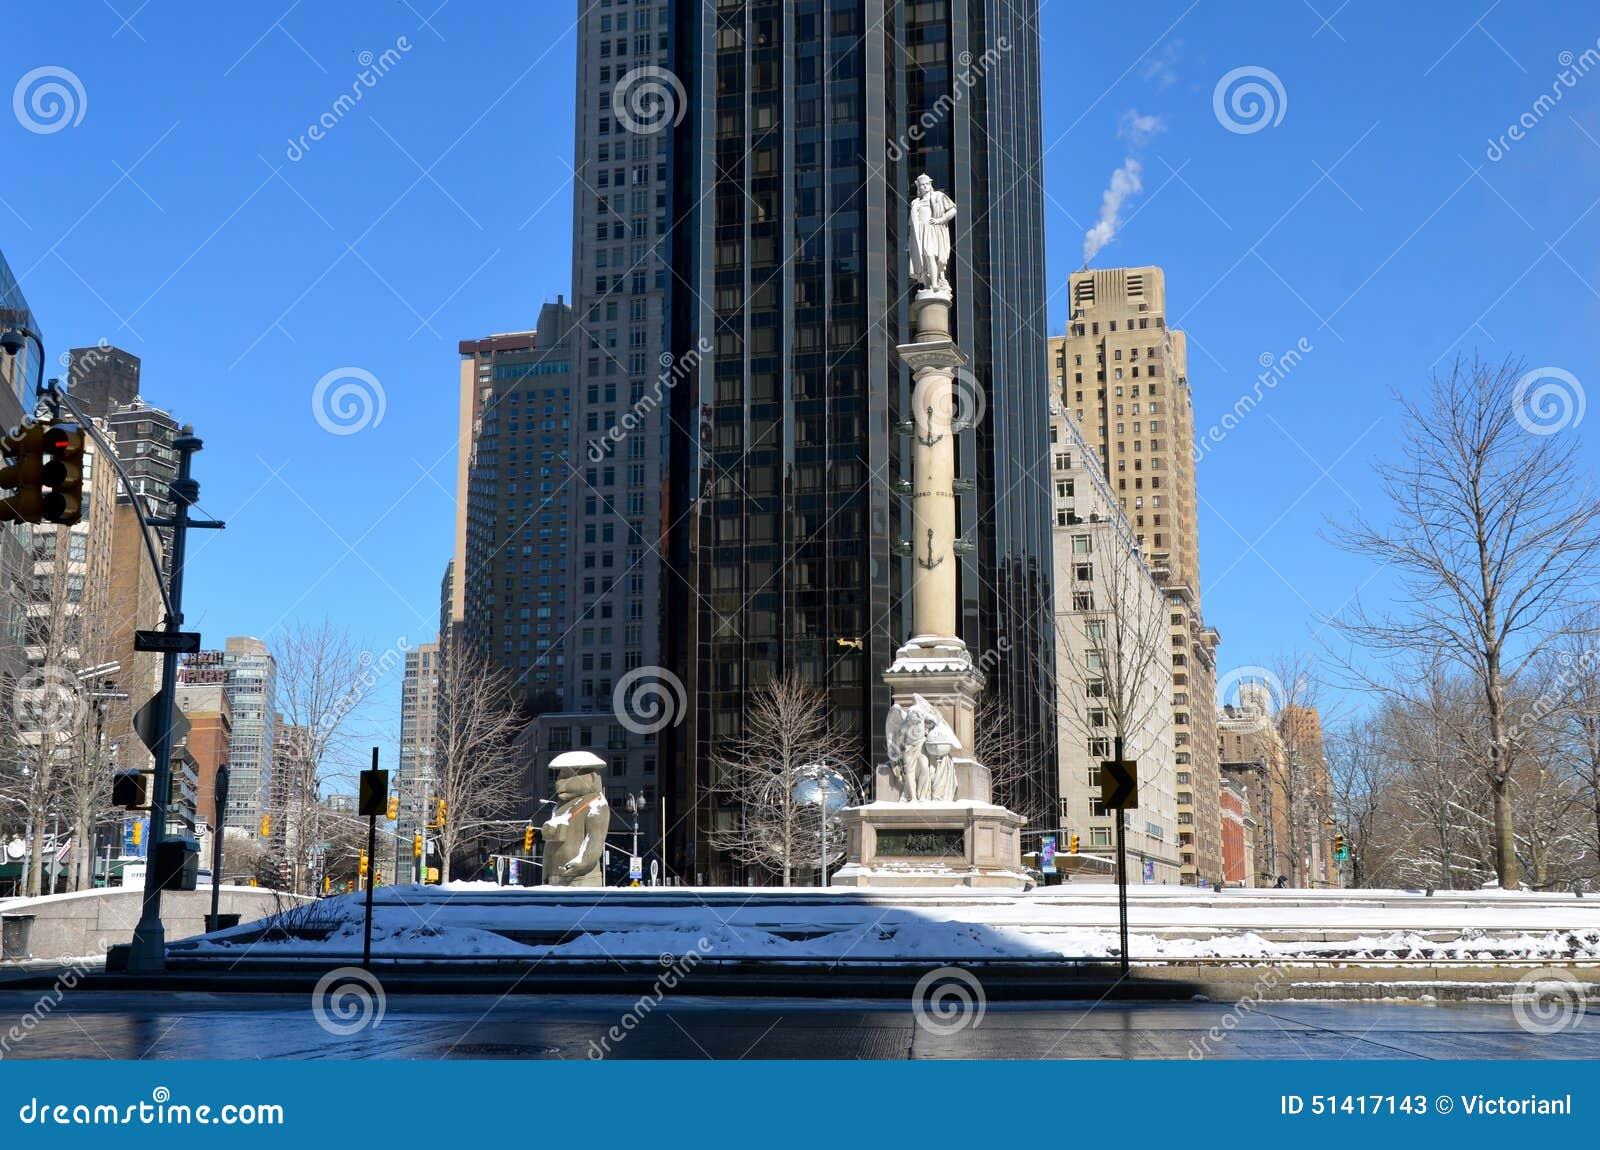 Columbus statue at columbus circle nyc editorial stock for 10 columbus circle 4th floor new york ny 10019